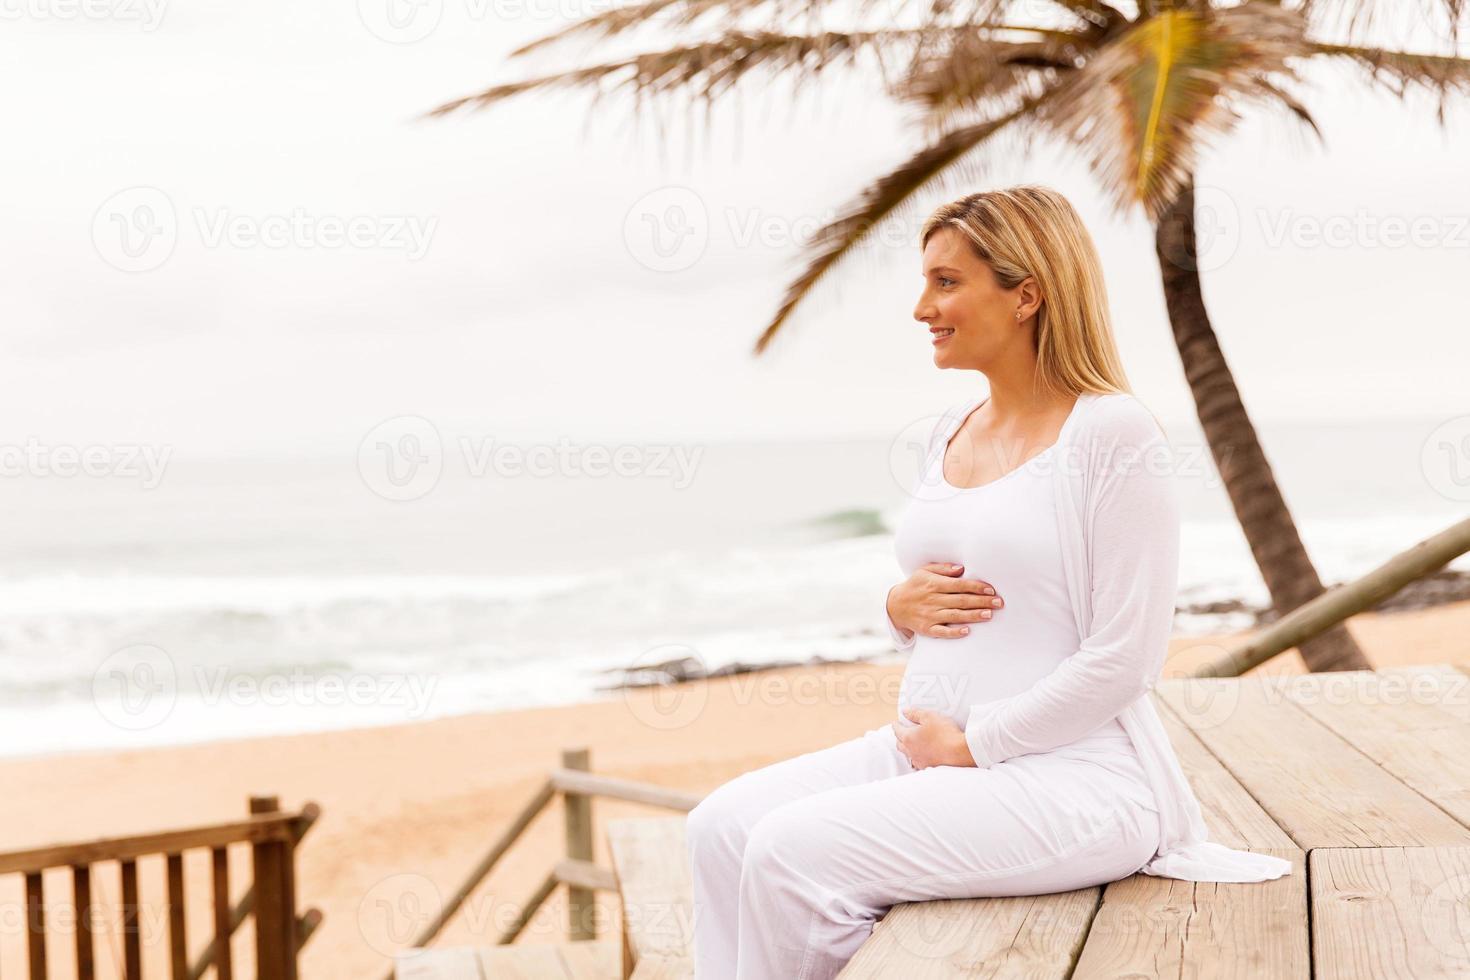 mujer embarazada en la playa foto